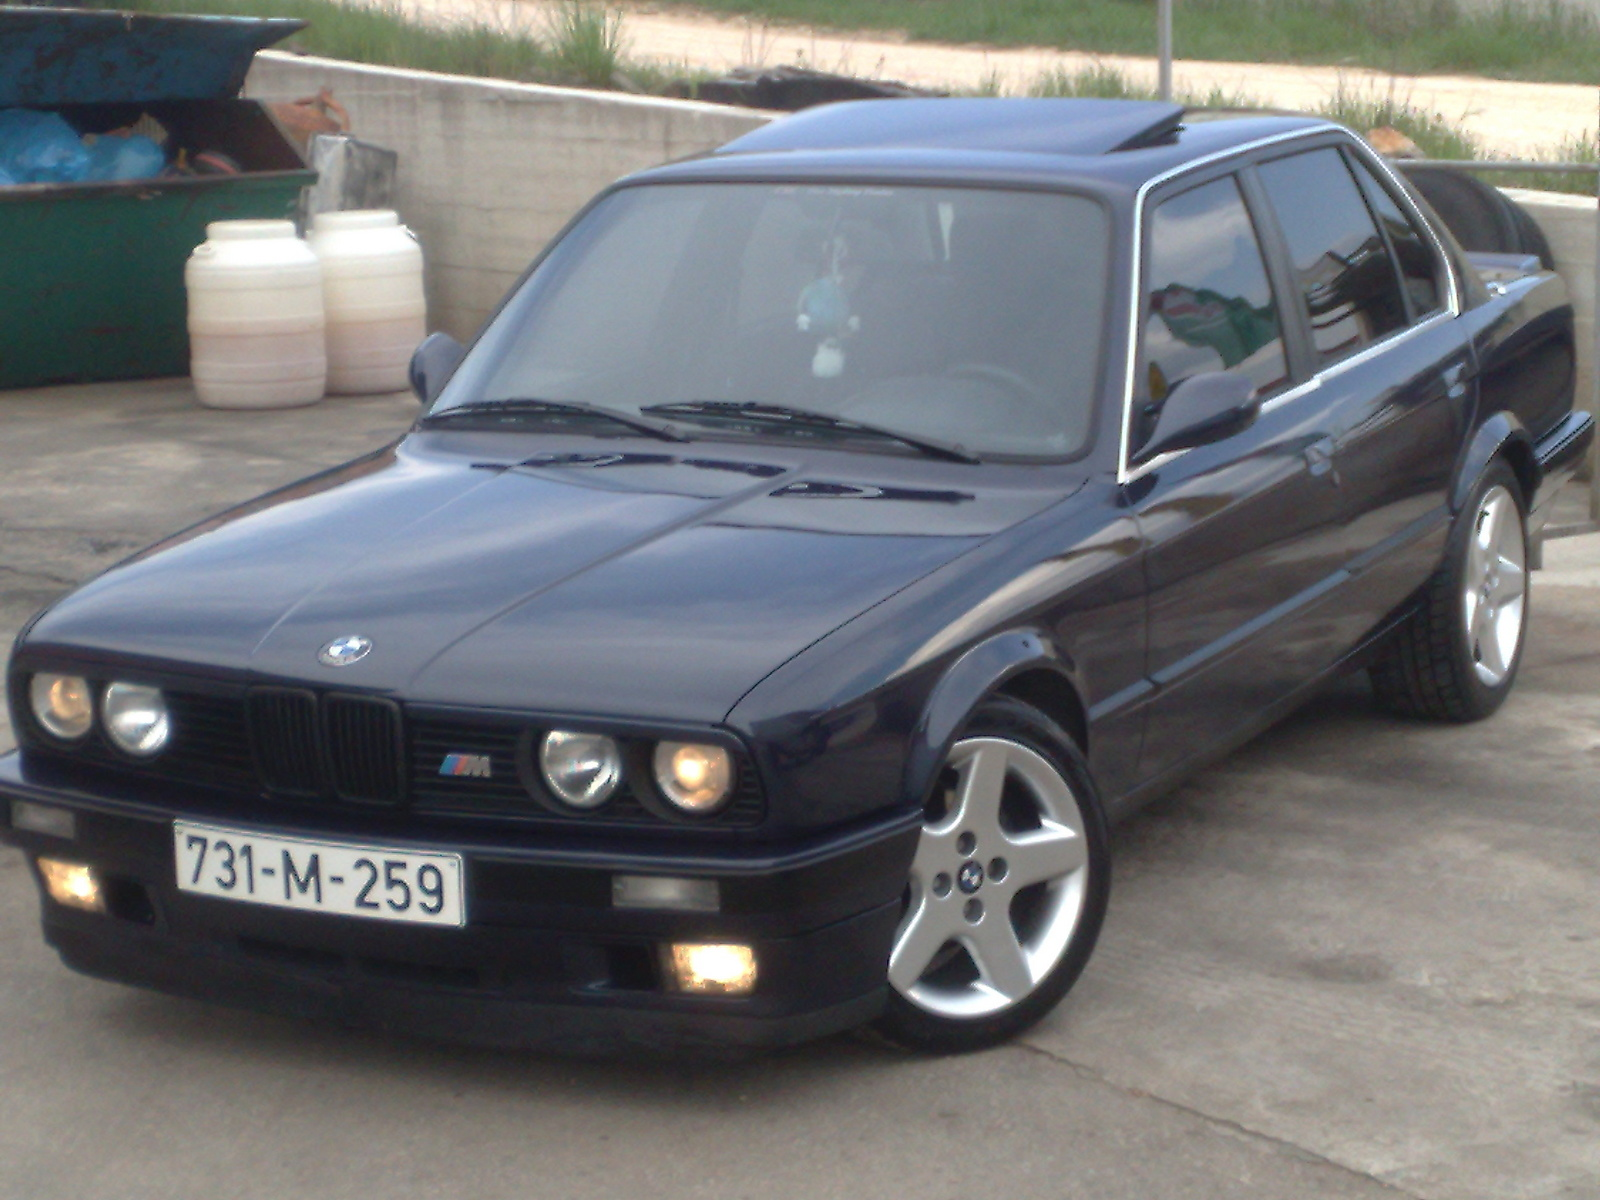 BMW 323i 1990 Photo - 1